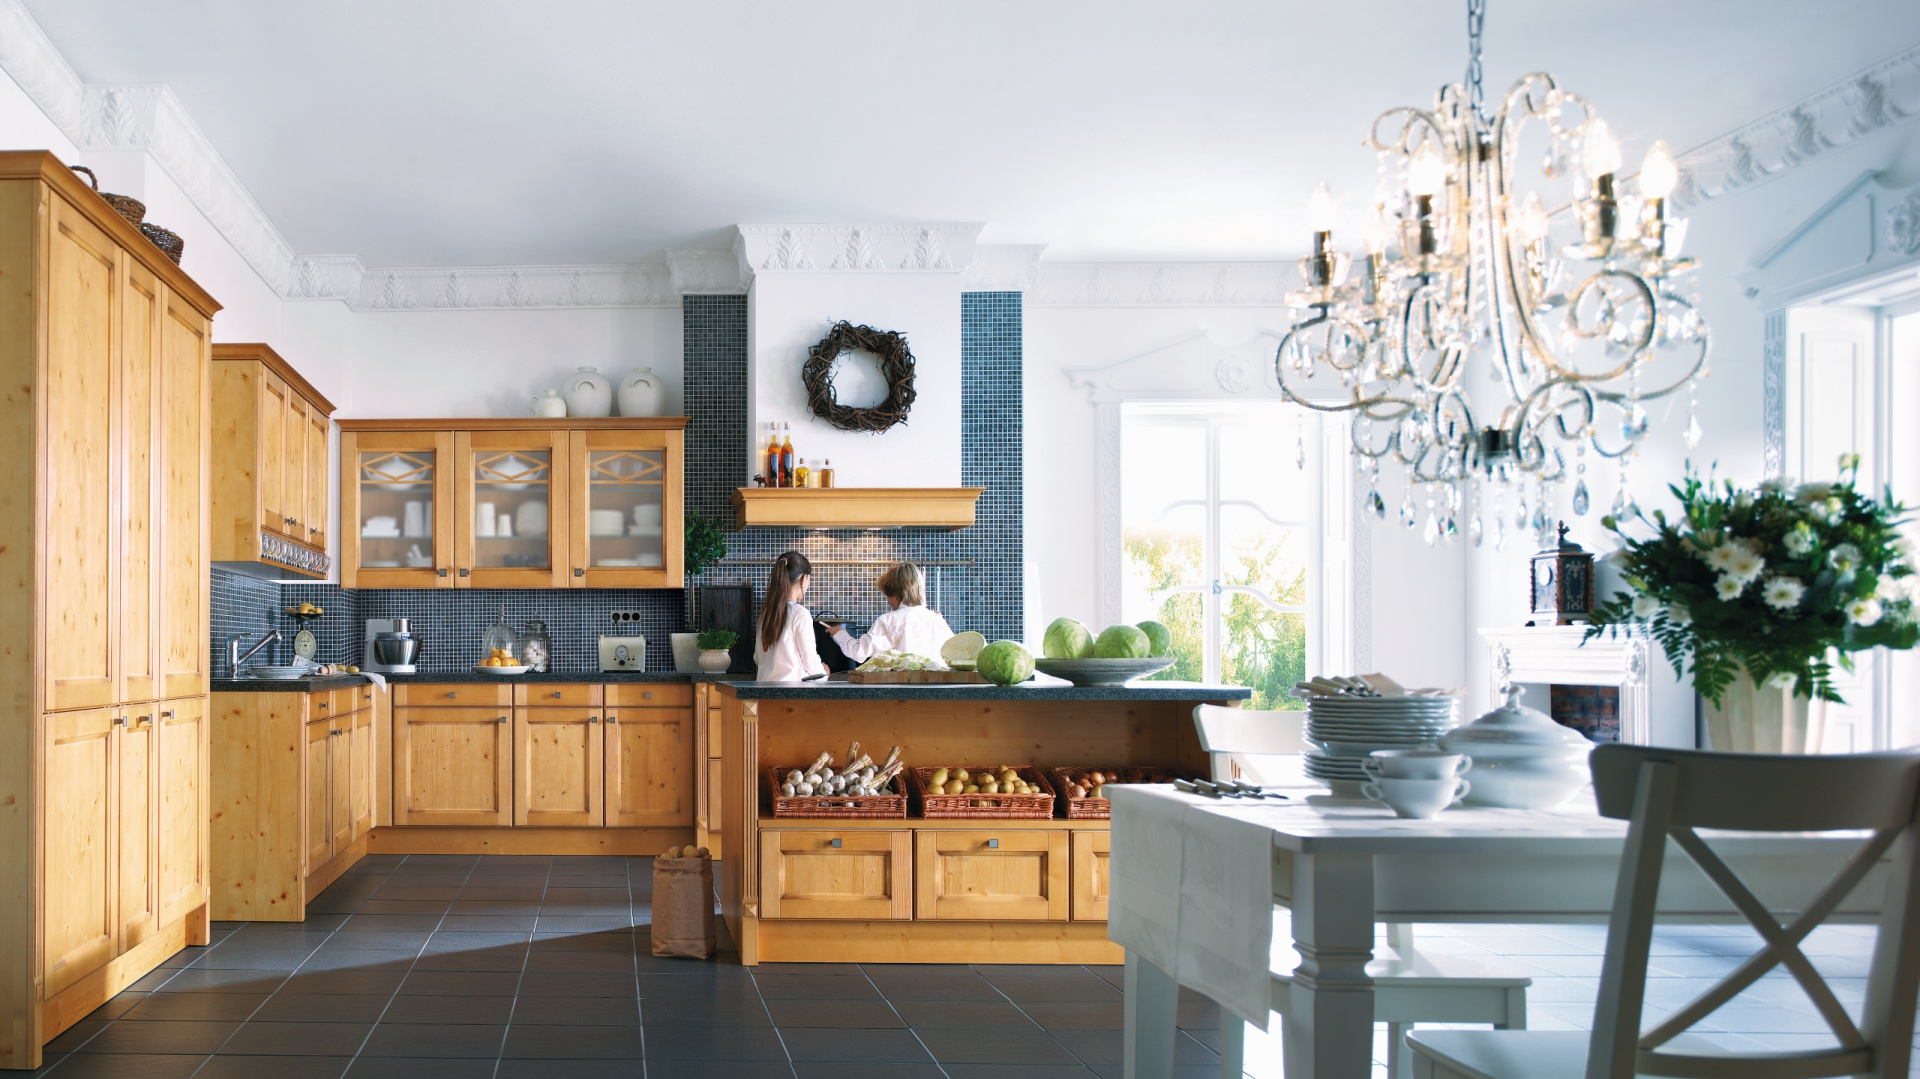 Drewniane meble o pięknym, jasnym wybarwieniu Tueren z ofery firmy Schüller. Nadadzą kuchni elegancki, stylowy charakter.